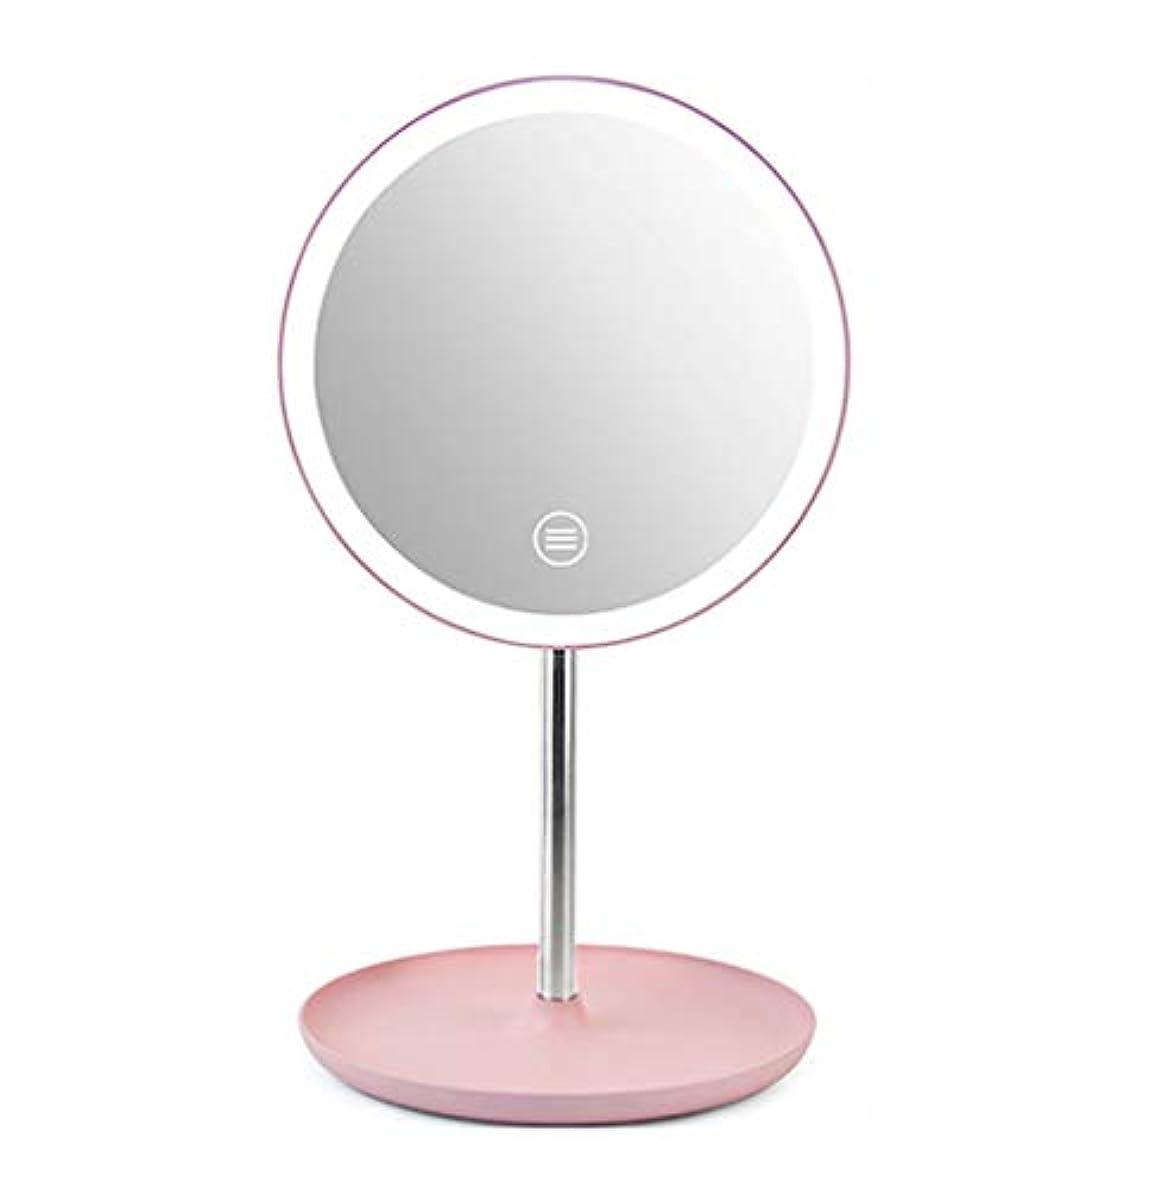 こねる軽蔑ブートLED化粧鏡コンパクト、スタンド付き化粧鏡LEDライト付き照明付きバニティミラー調光可能なタッチスクリーン卓上化粧鏡180°回転USB充電